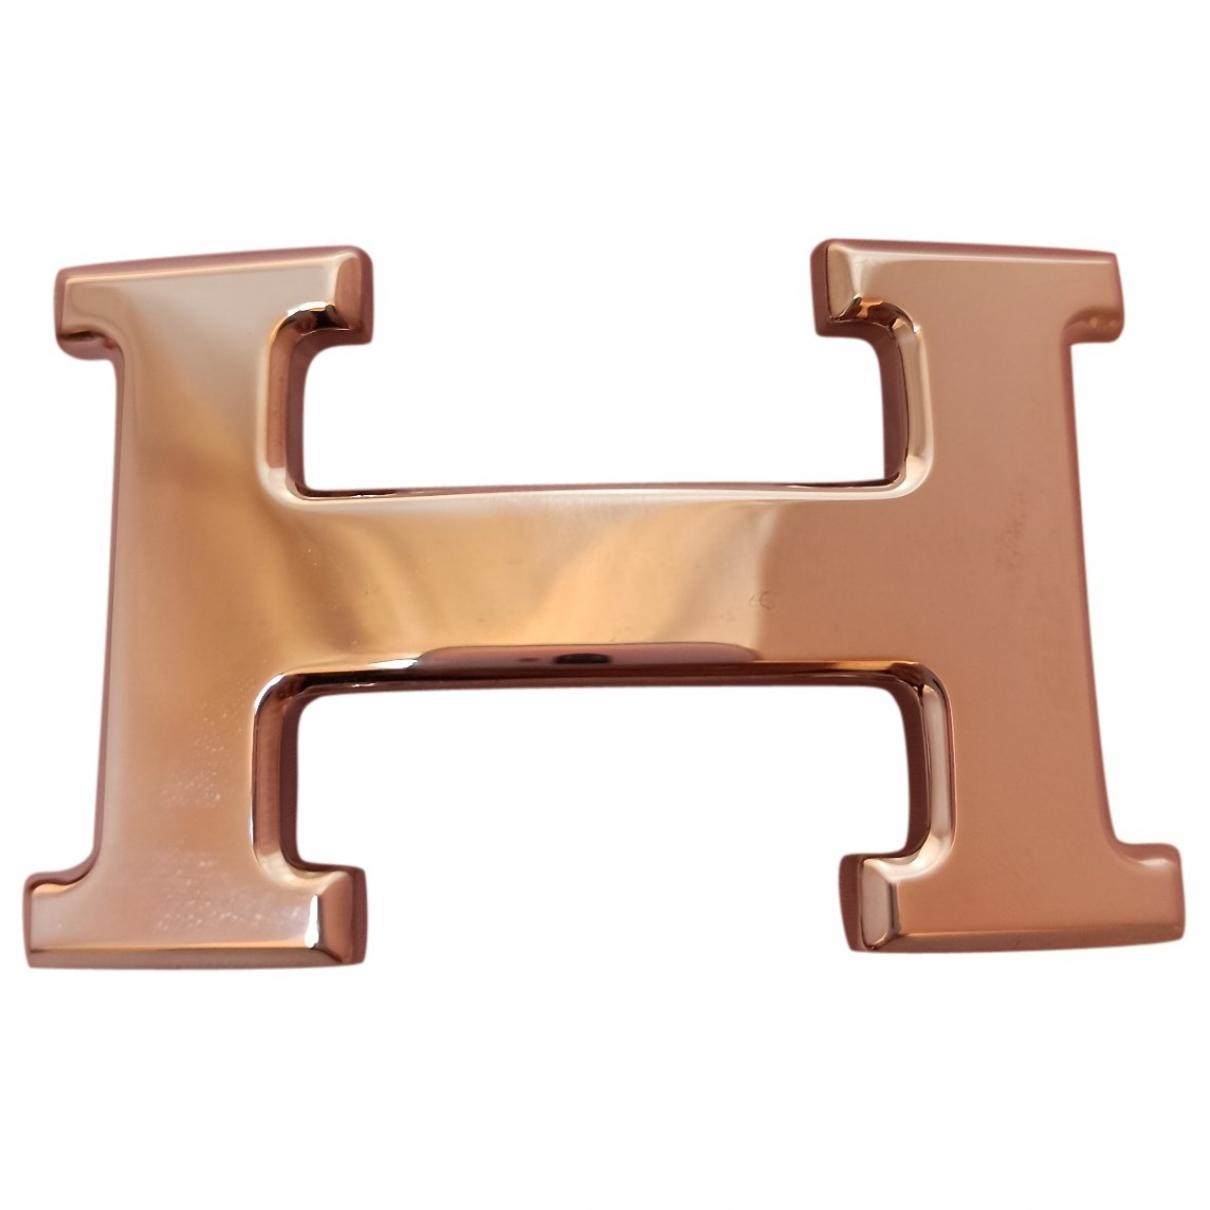 Hermes - Ceinture Boucle seule / Belt buckle pour femme en metal - argente